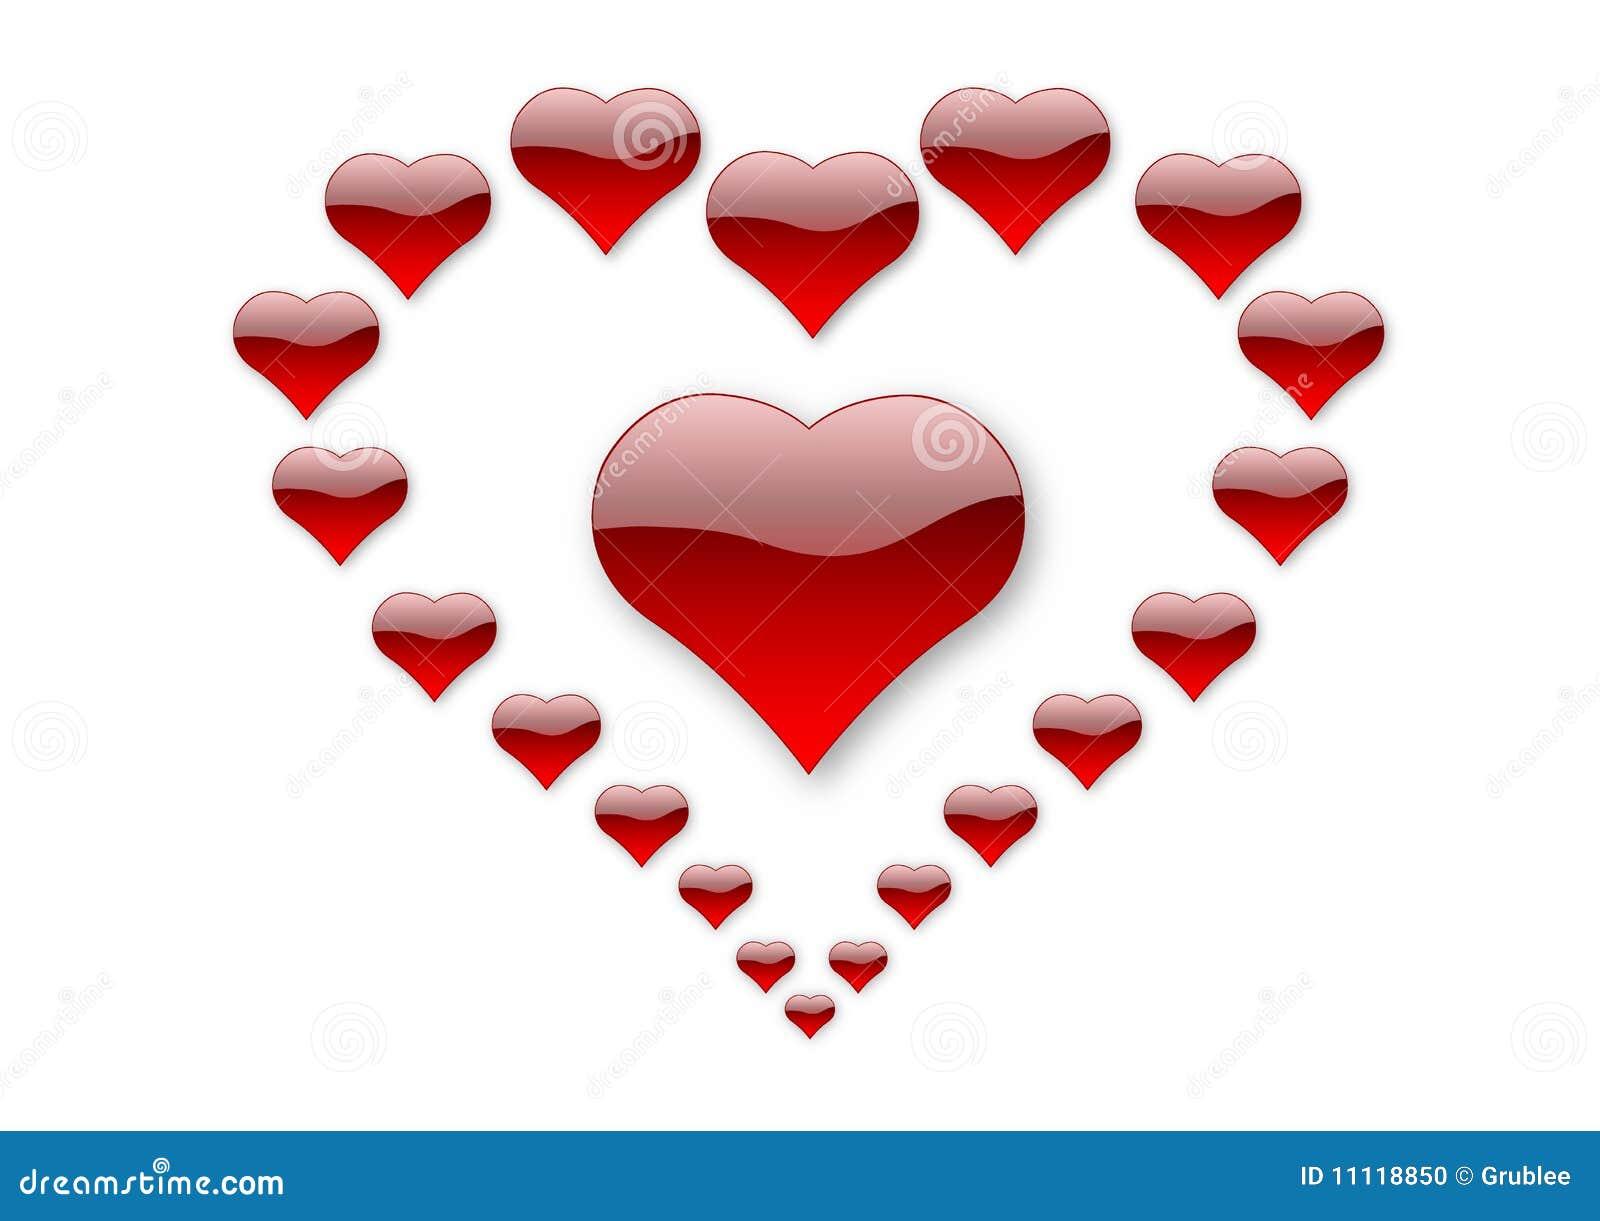 ... jpeg 82kB, 21 Corazones De Amor Foto de archivo - Imagen: 11118850